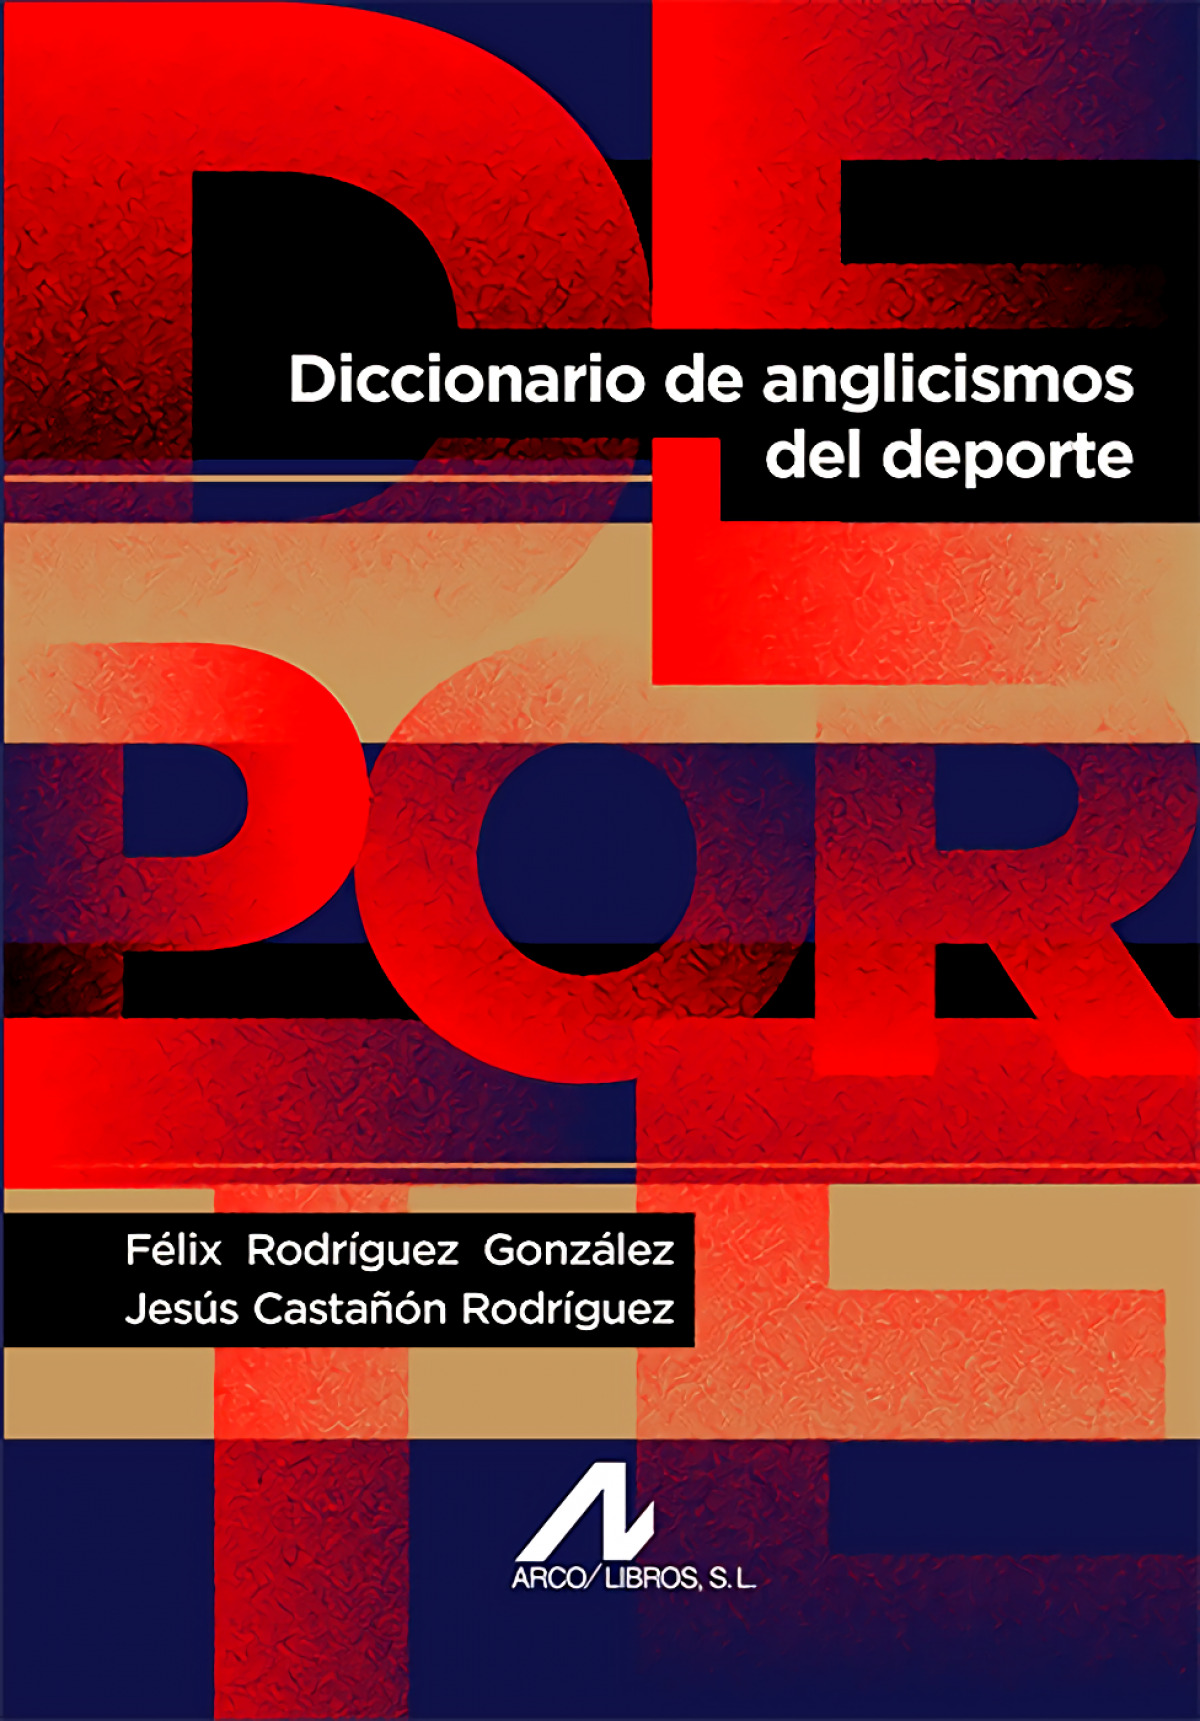 DICCIONARIO DE ANGLICISMOS DEL DEPORTE 9788476353264